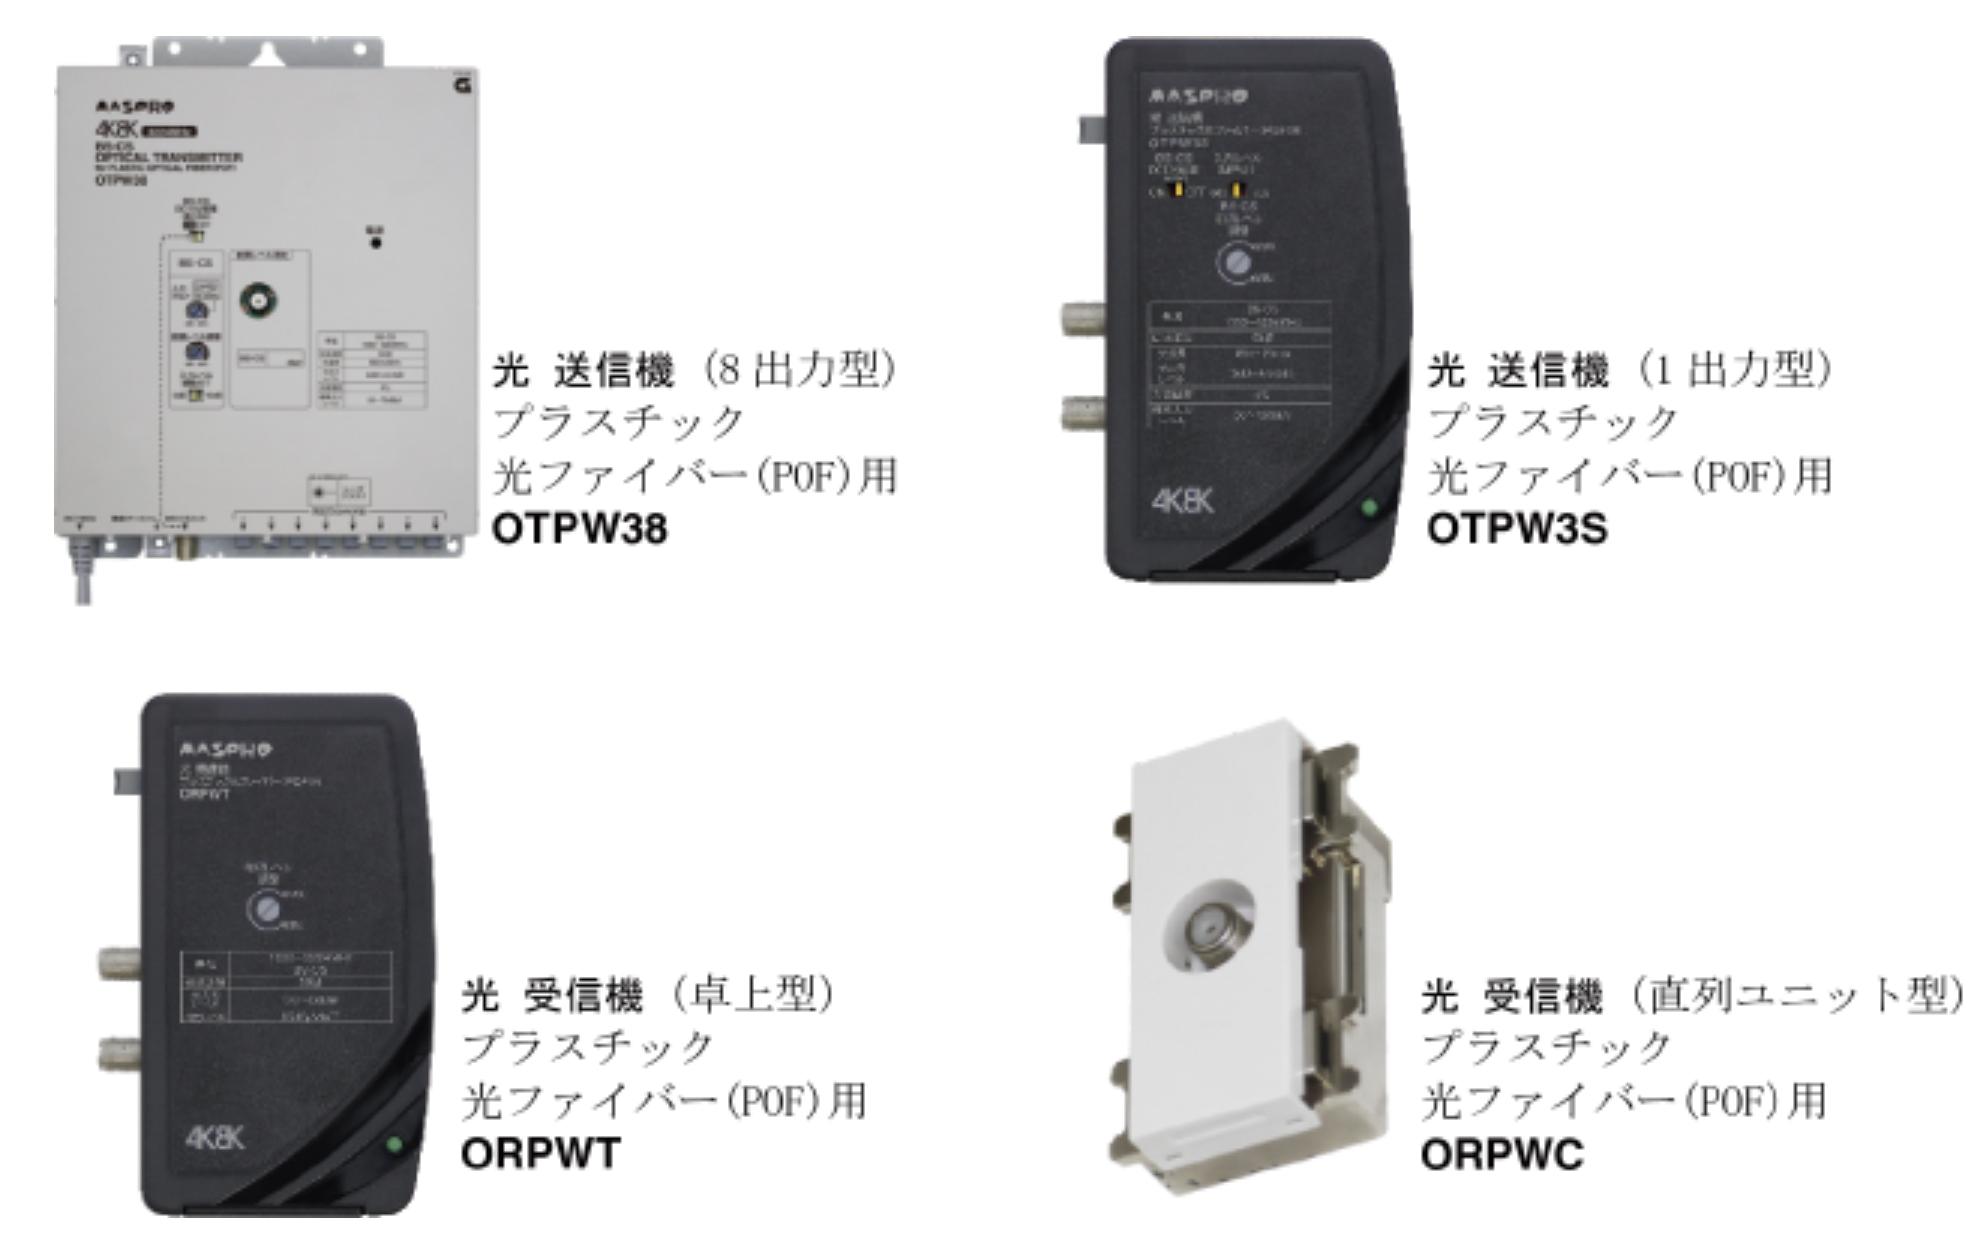 【マスプロ電工】光伝送を身近に実現できる新しい技術『プラスチック光ファイバー(POF)用送信機、受信機』を新発売の画像